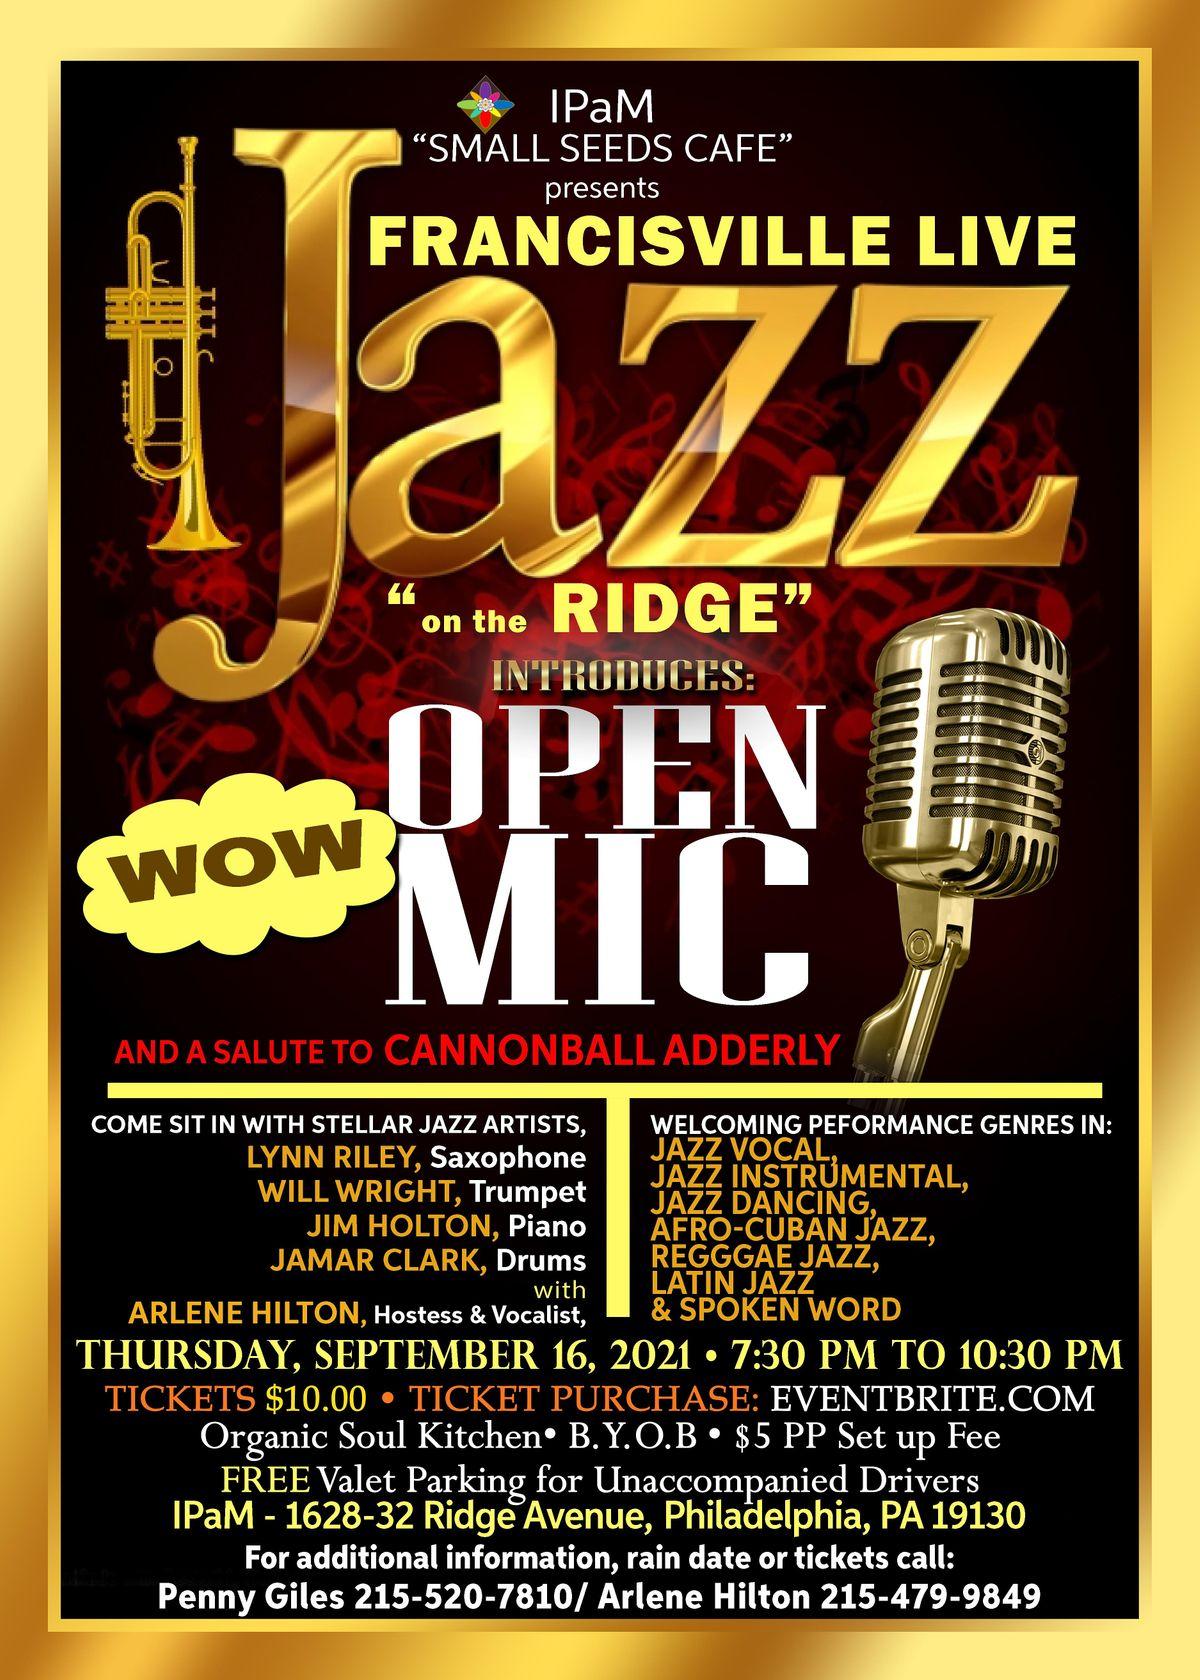 Francisville  Live Jazz OPEN MIC Night on the Ridge Thursday, 9\/16\/21